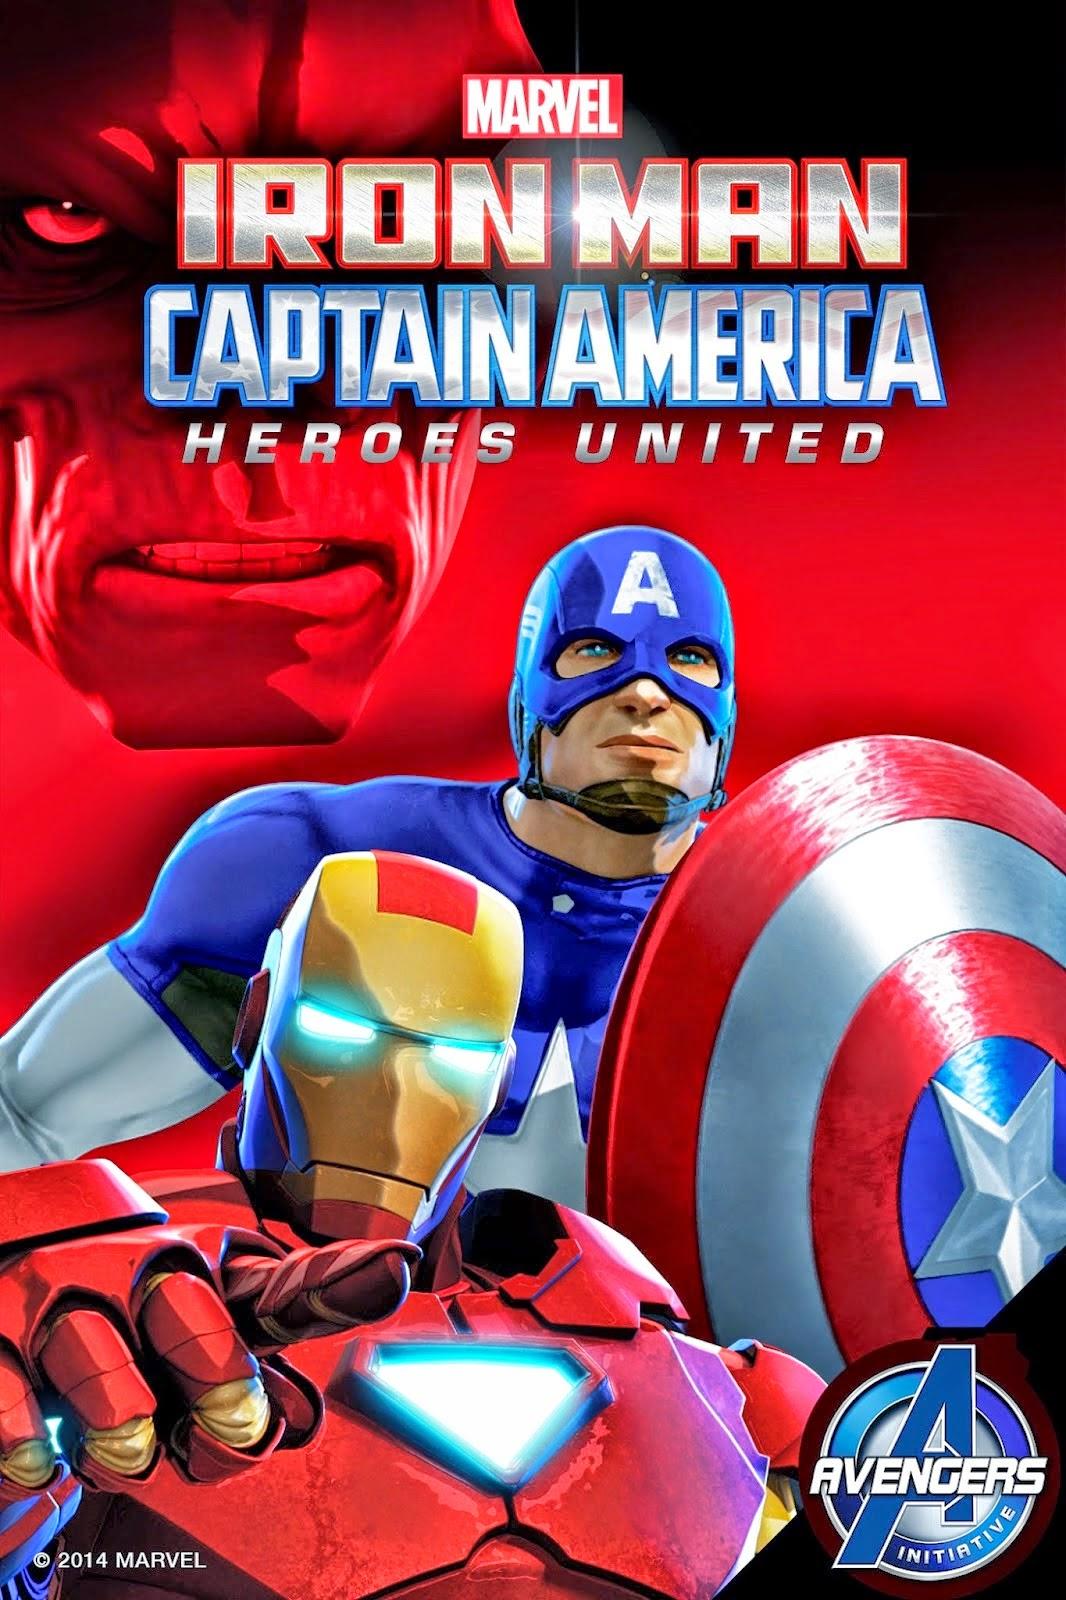 http://superheroesrevelados.blogspot.com.ar/2014/10/iron-man-captain-america-heroes-united.html